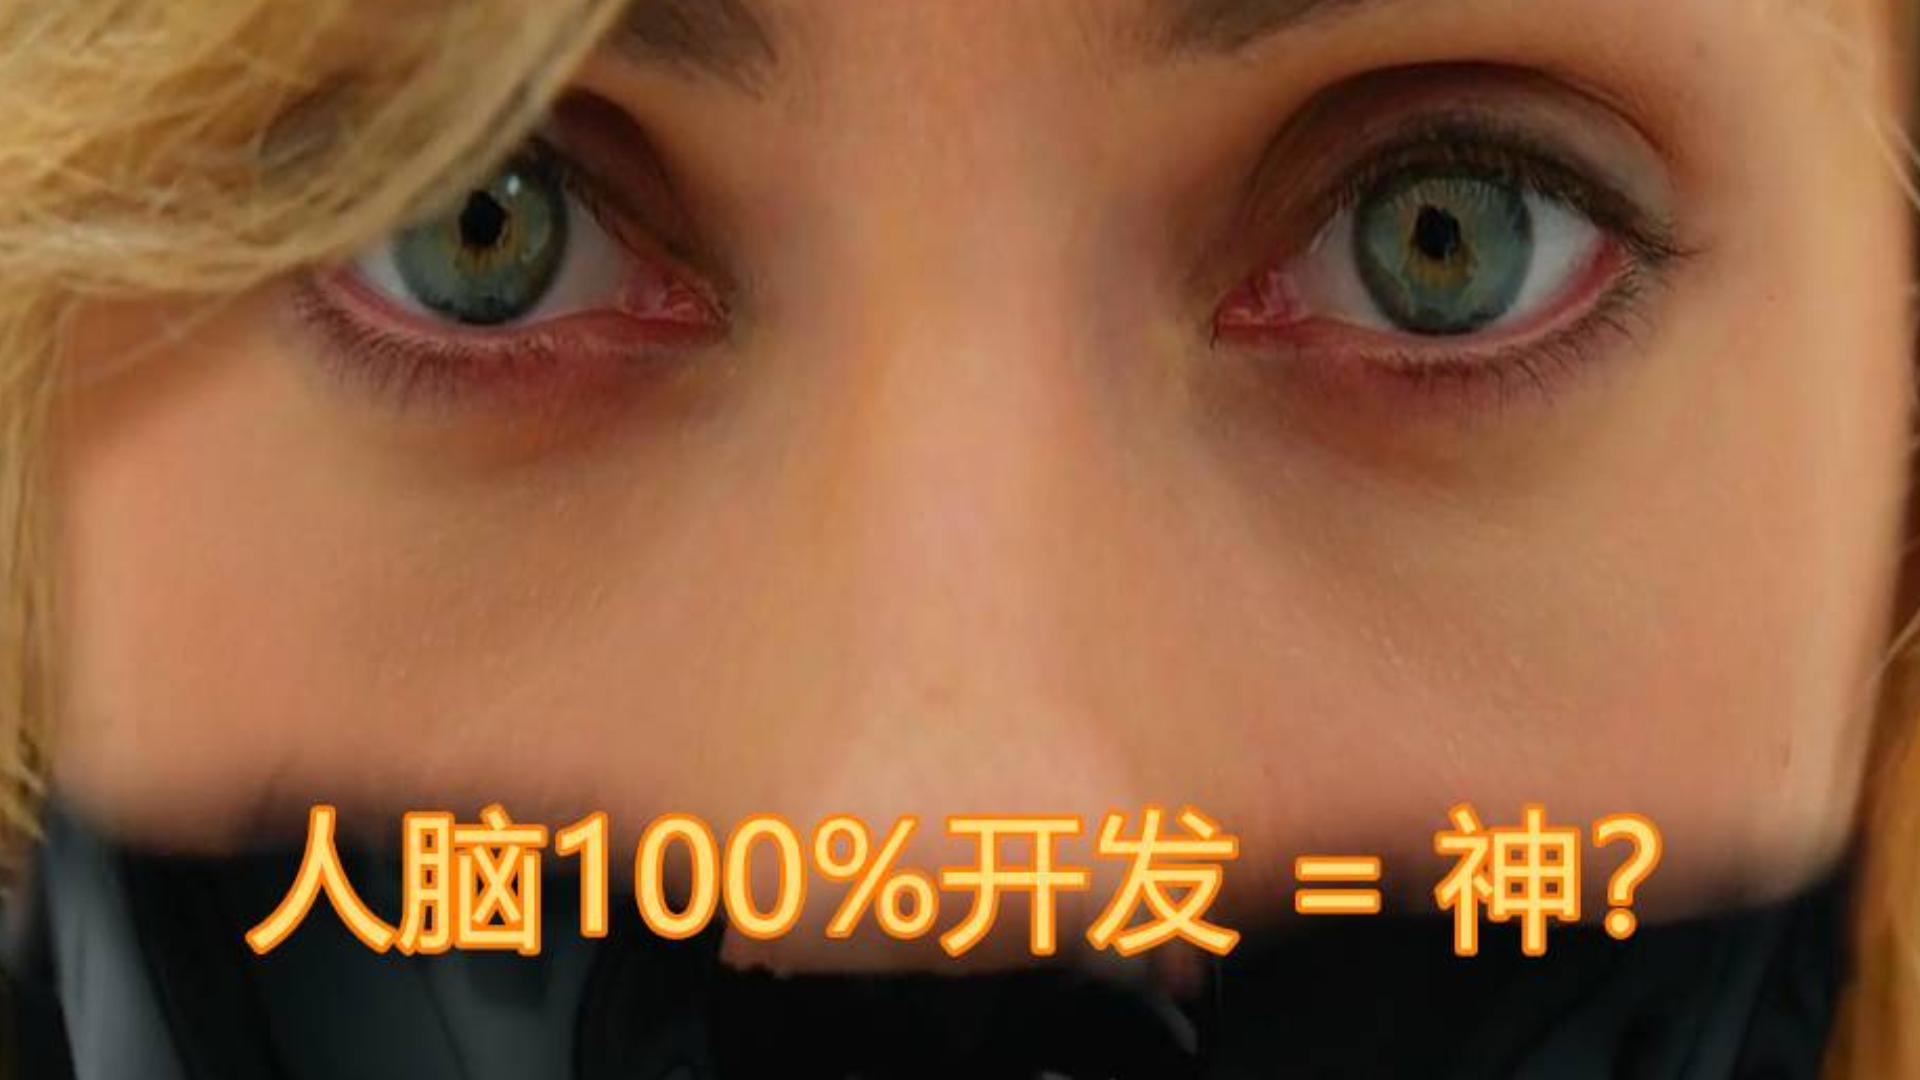 影视照进现实系列,看完《超体》,人脑100%开发=神